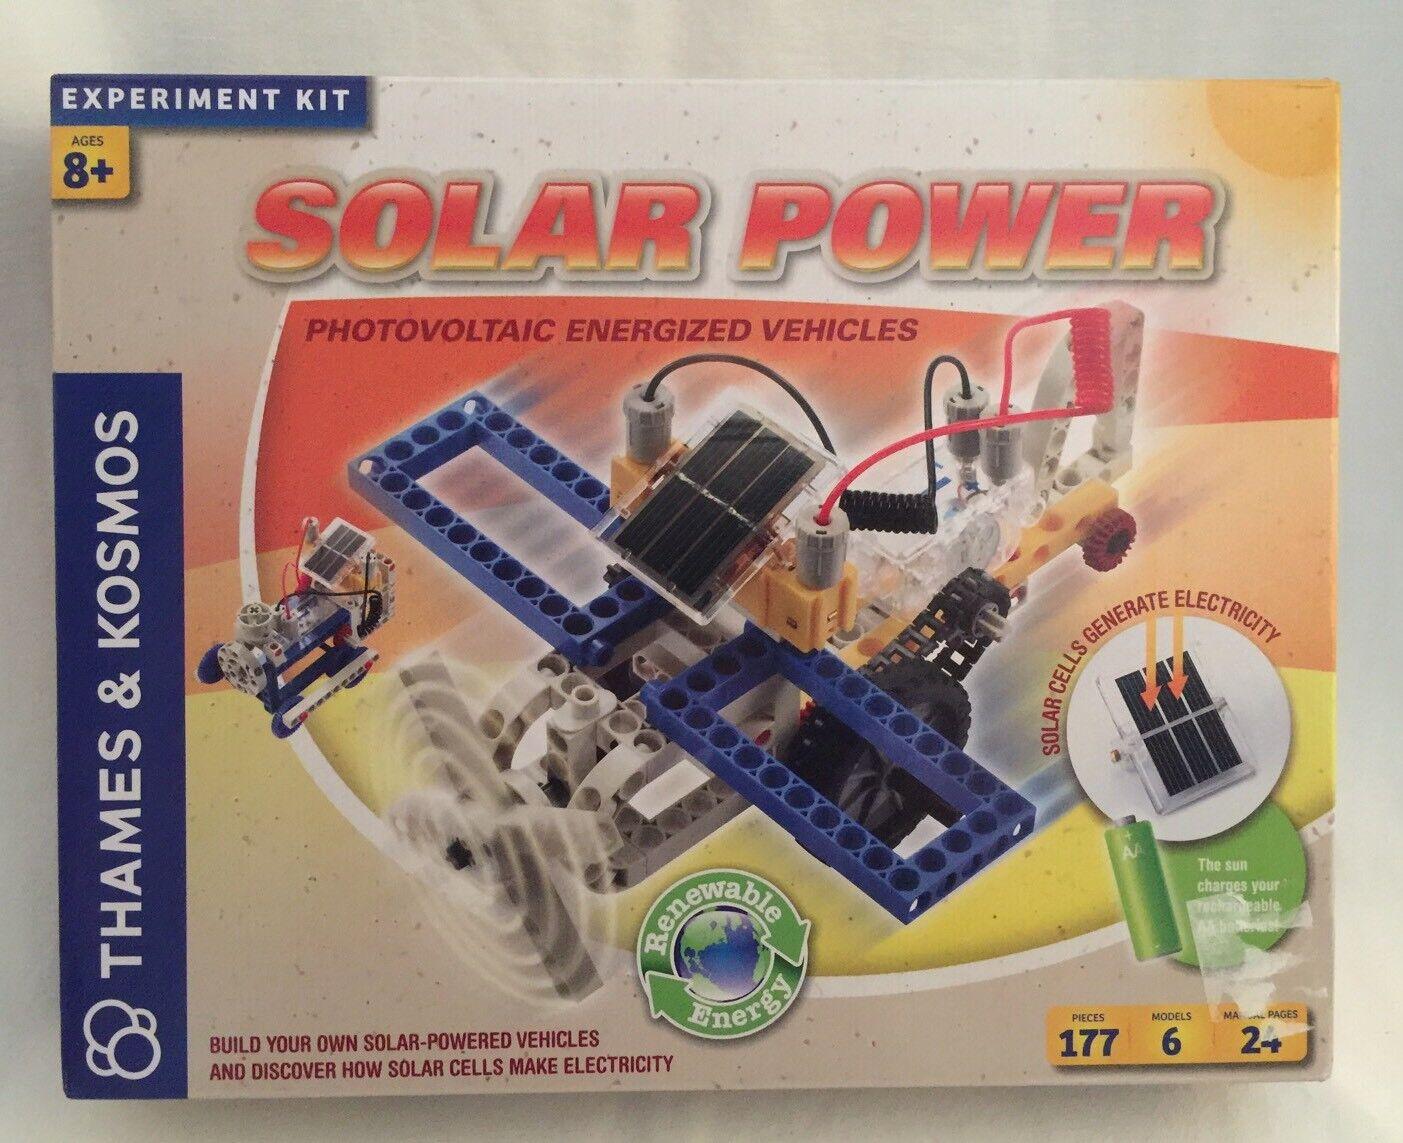 Thames & Kosmos Solar Power Vehicles Kit NEW Photovoltaic Energized